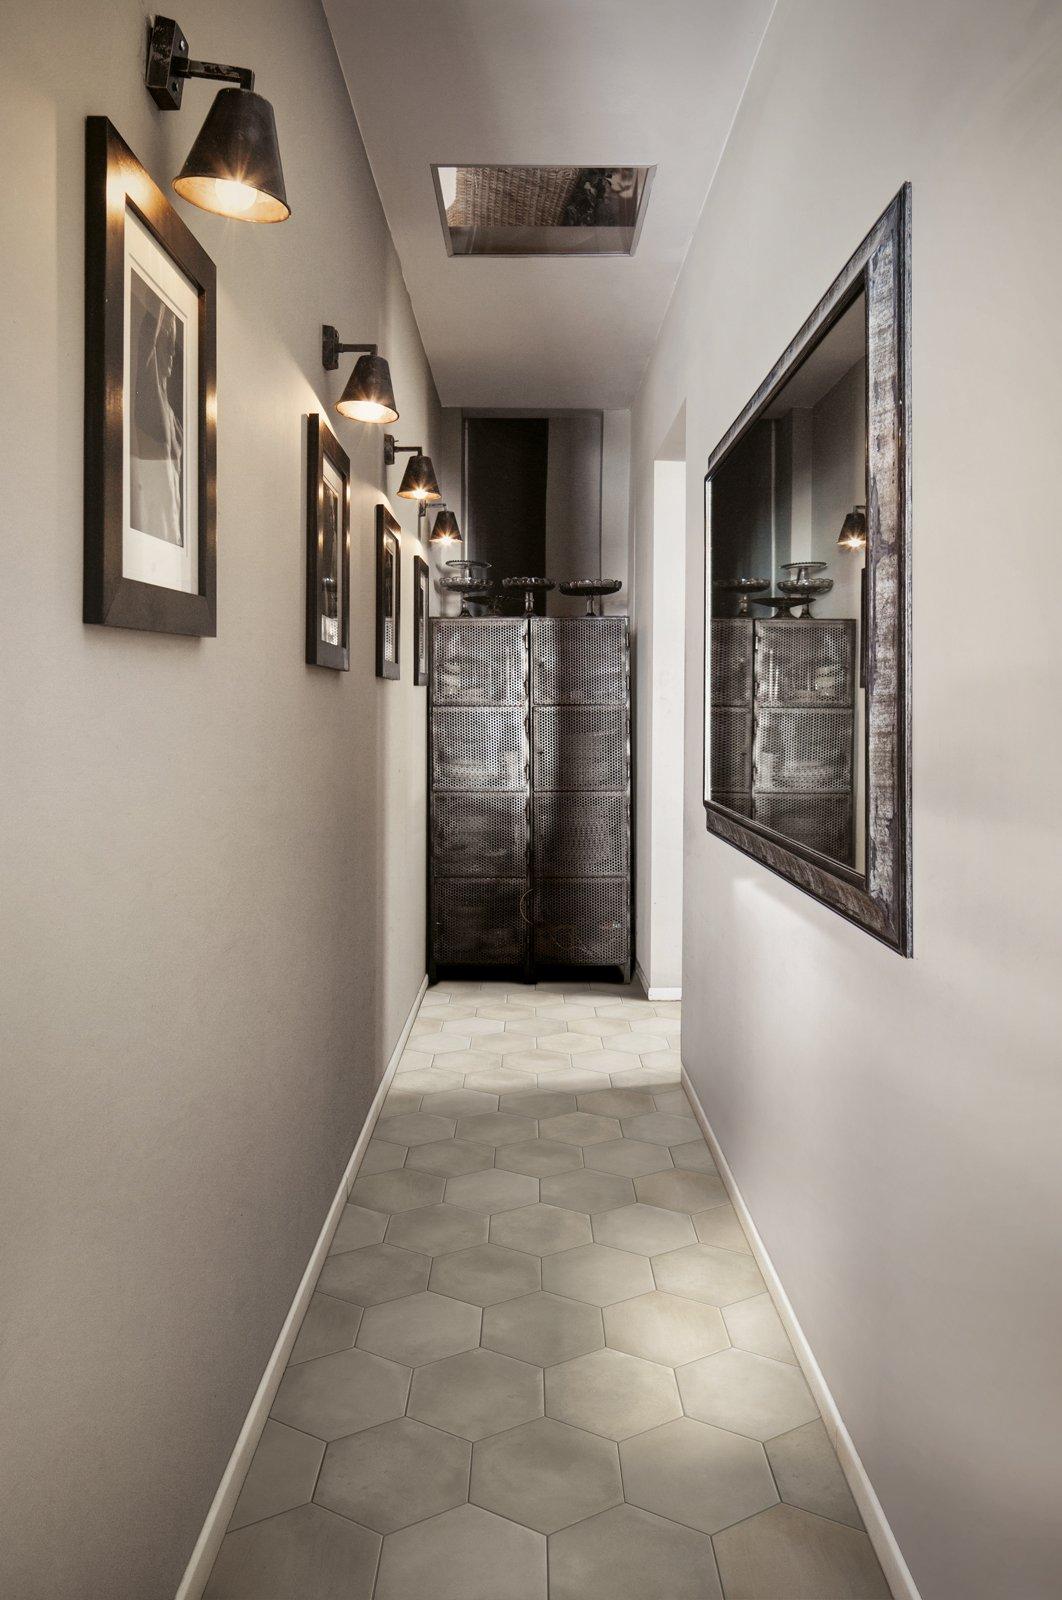 Piastrelle esagonali ritorno alla tradizione cose di casa - Piastrelle pavimento bagno ...